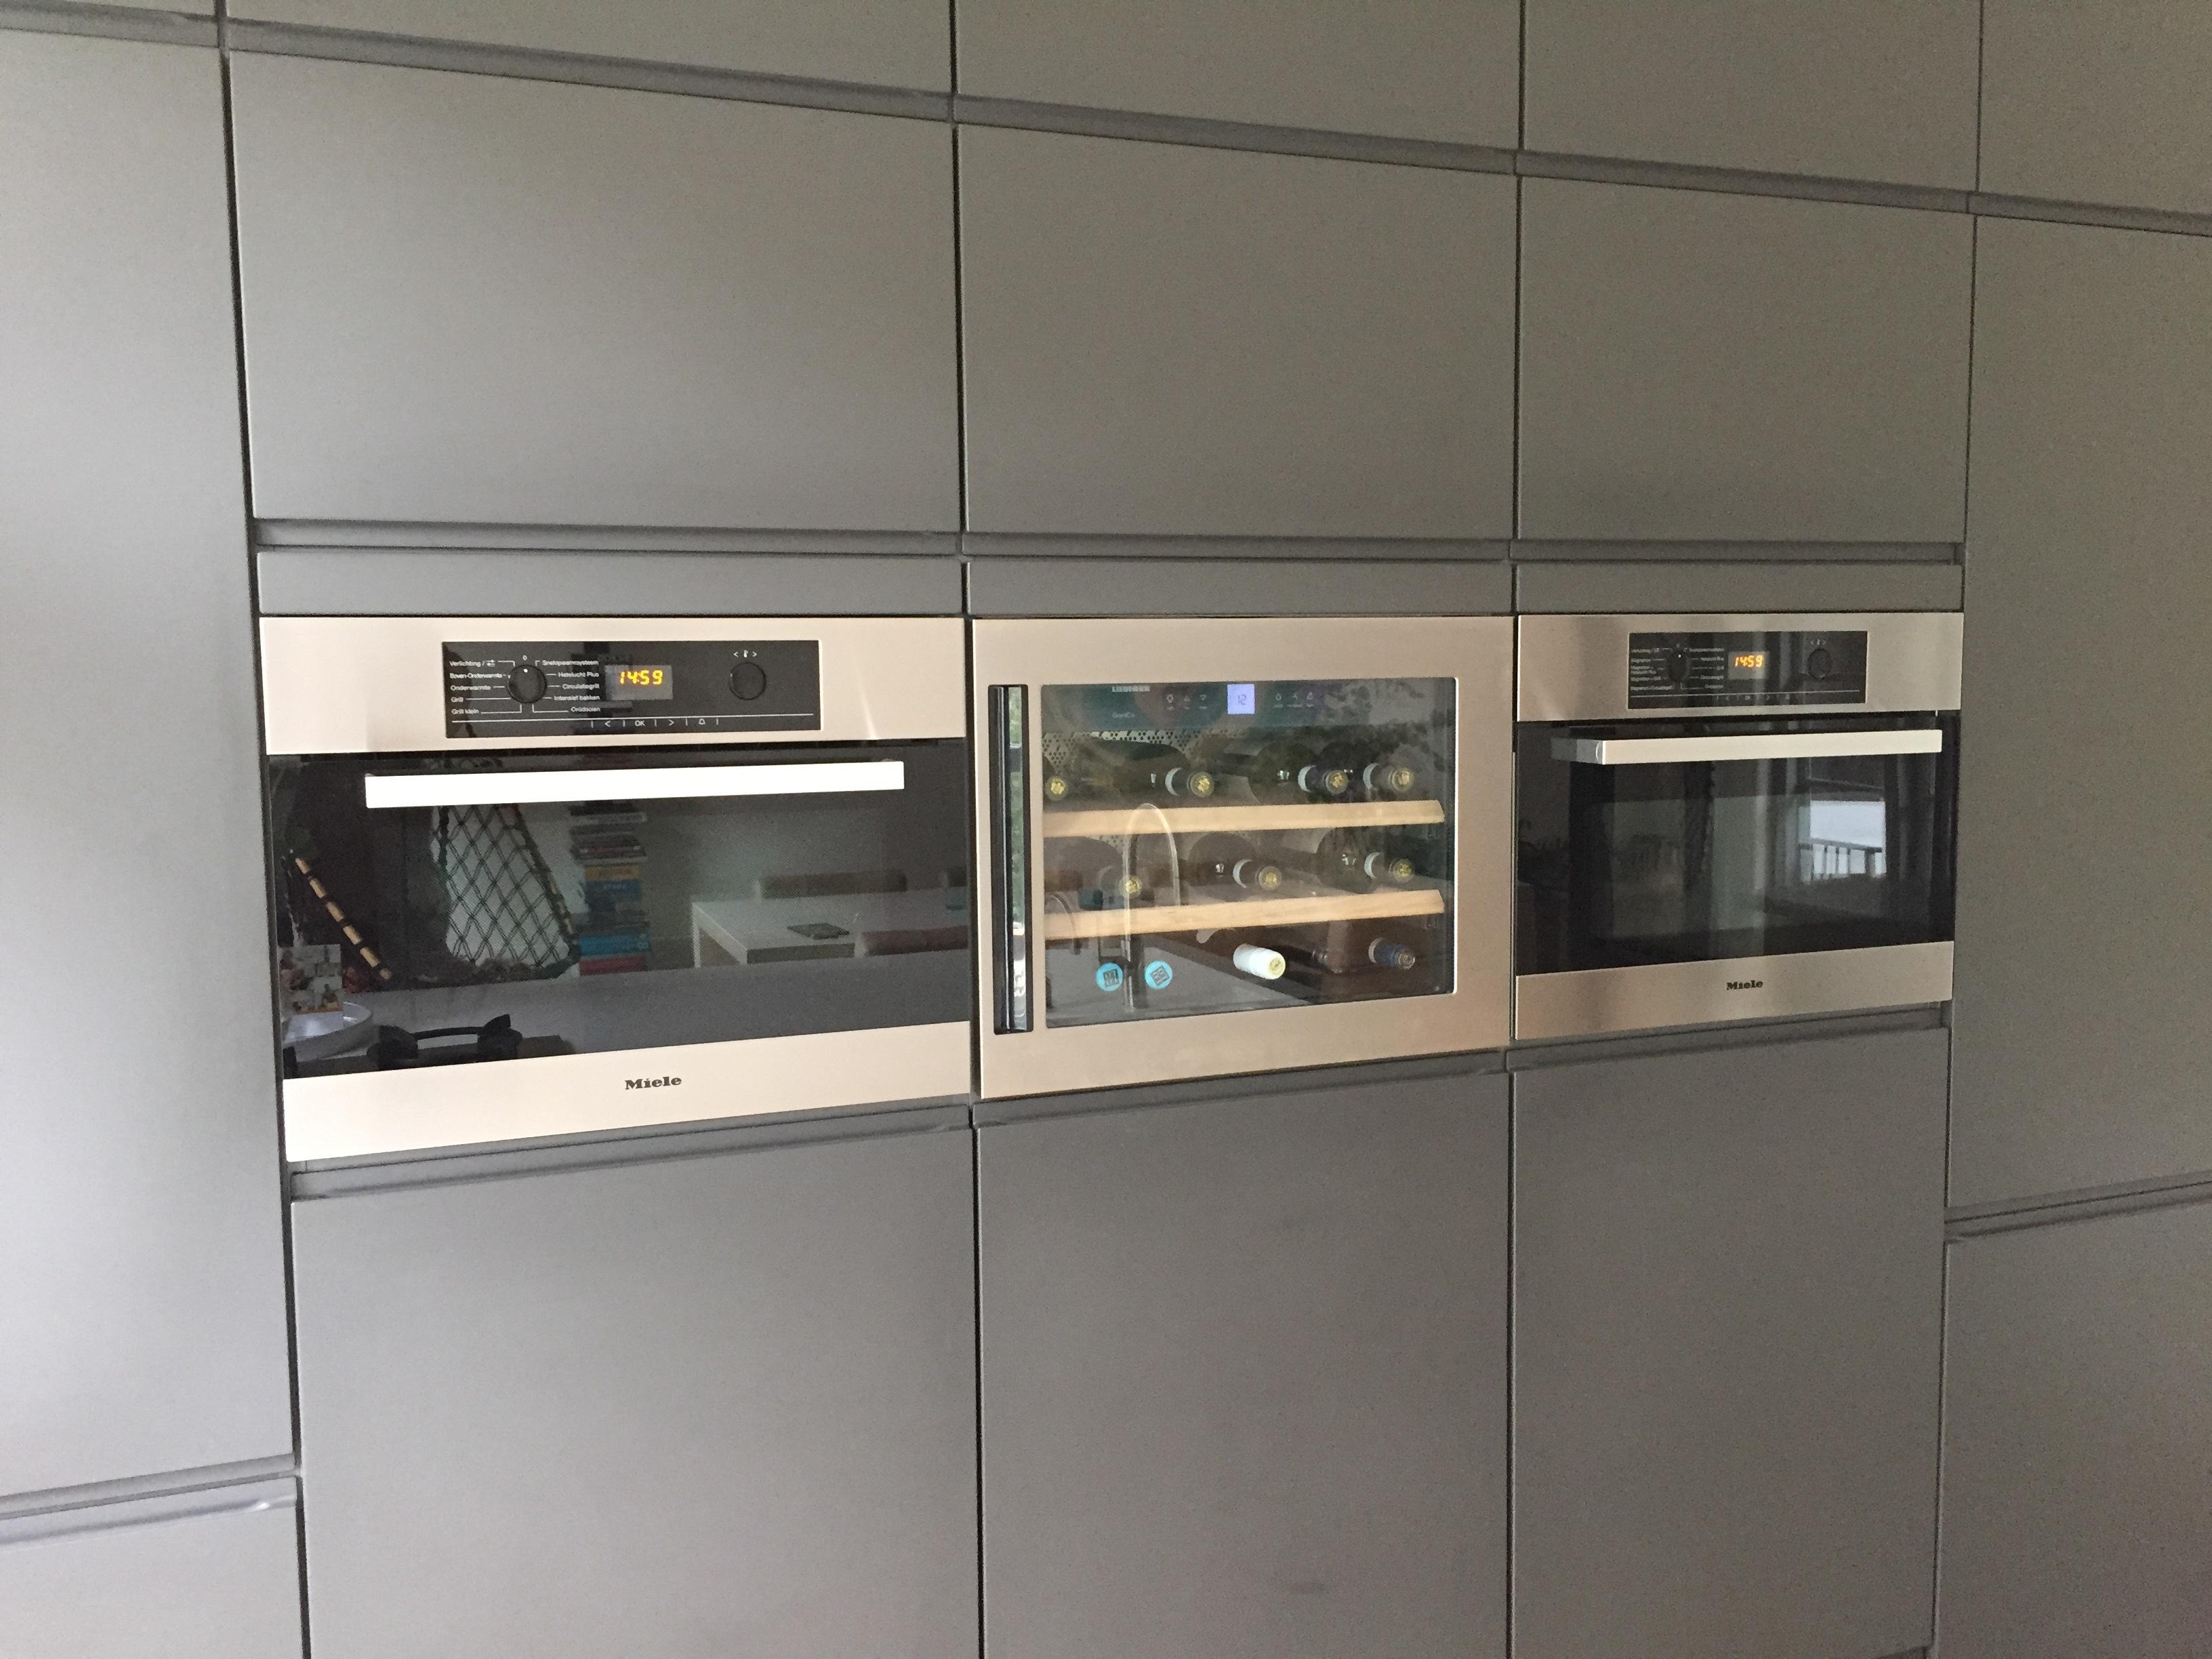 Wijn koelkast in keuken kasten wand tip voordemakers